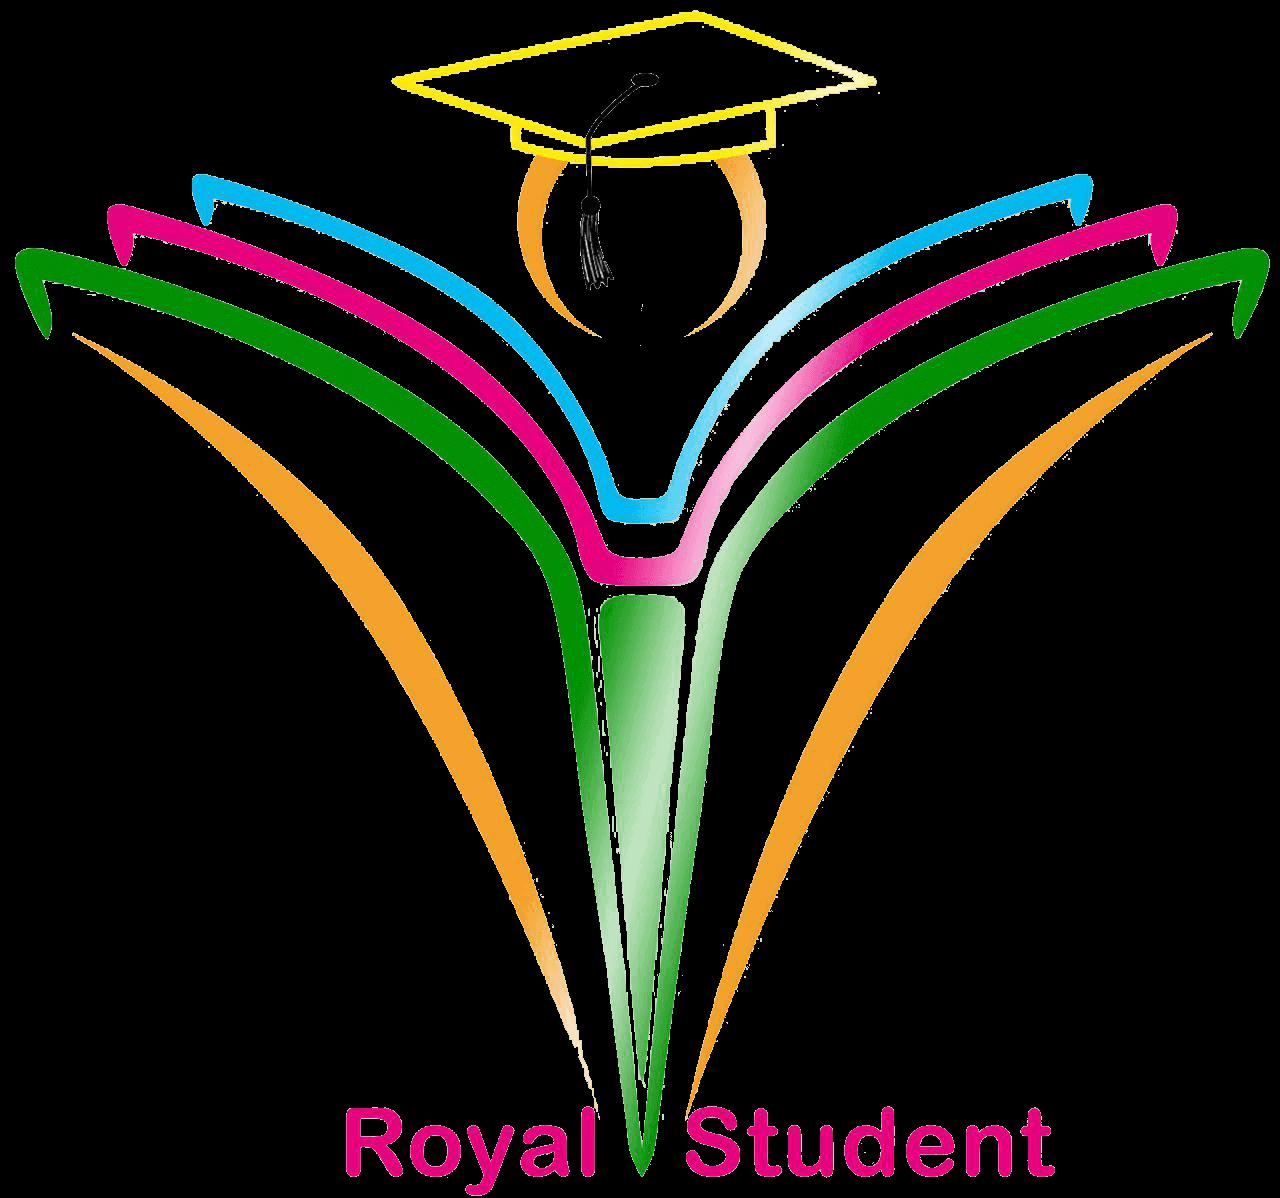 لوگوی دانش آموز برتر